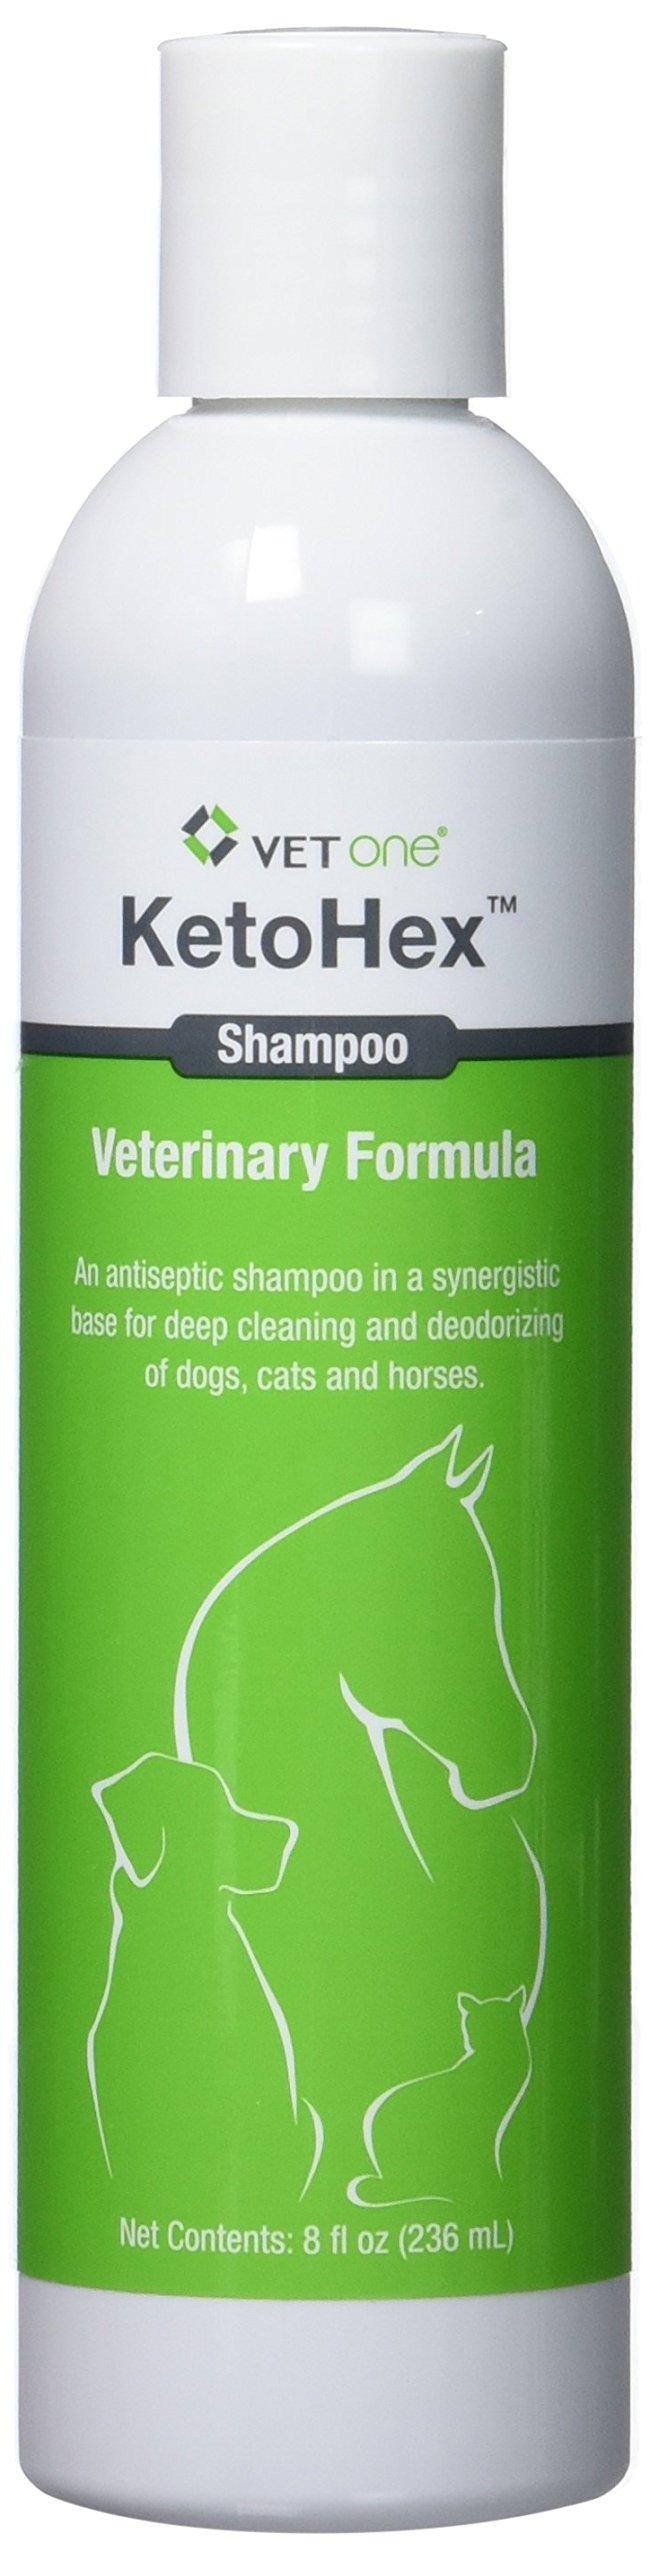 Vet One Ketohex Shampoo, 8 oz